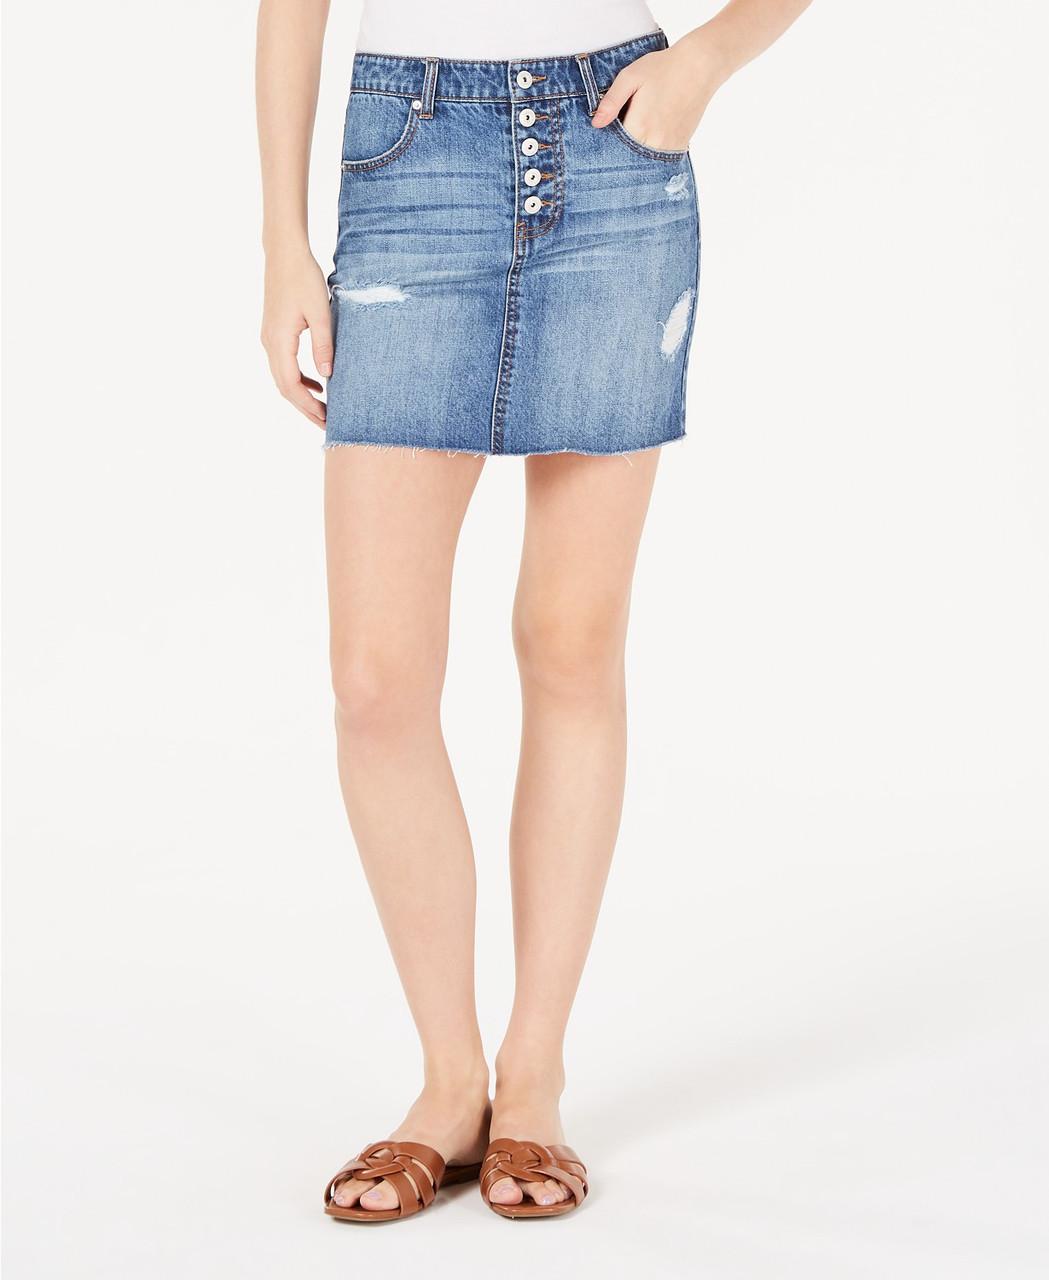 Vanilla Star Женская джинсовая юбка - Е2